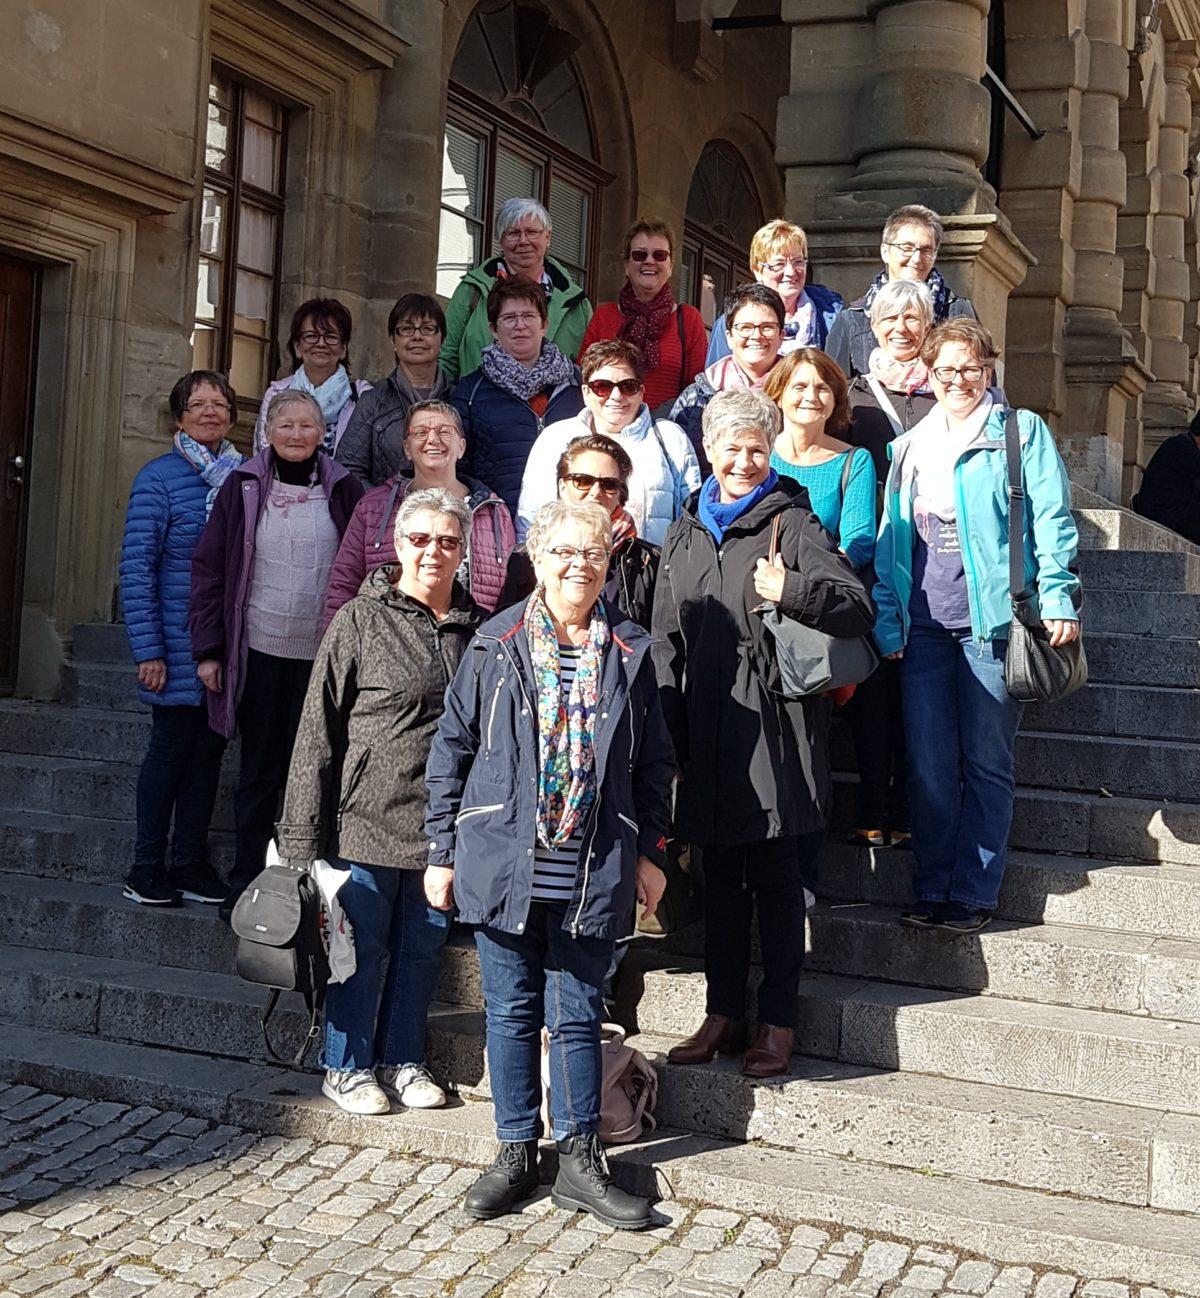 Ausflug Frauenchor Hilgenroth Nürnberg